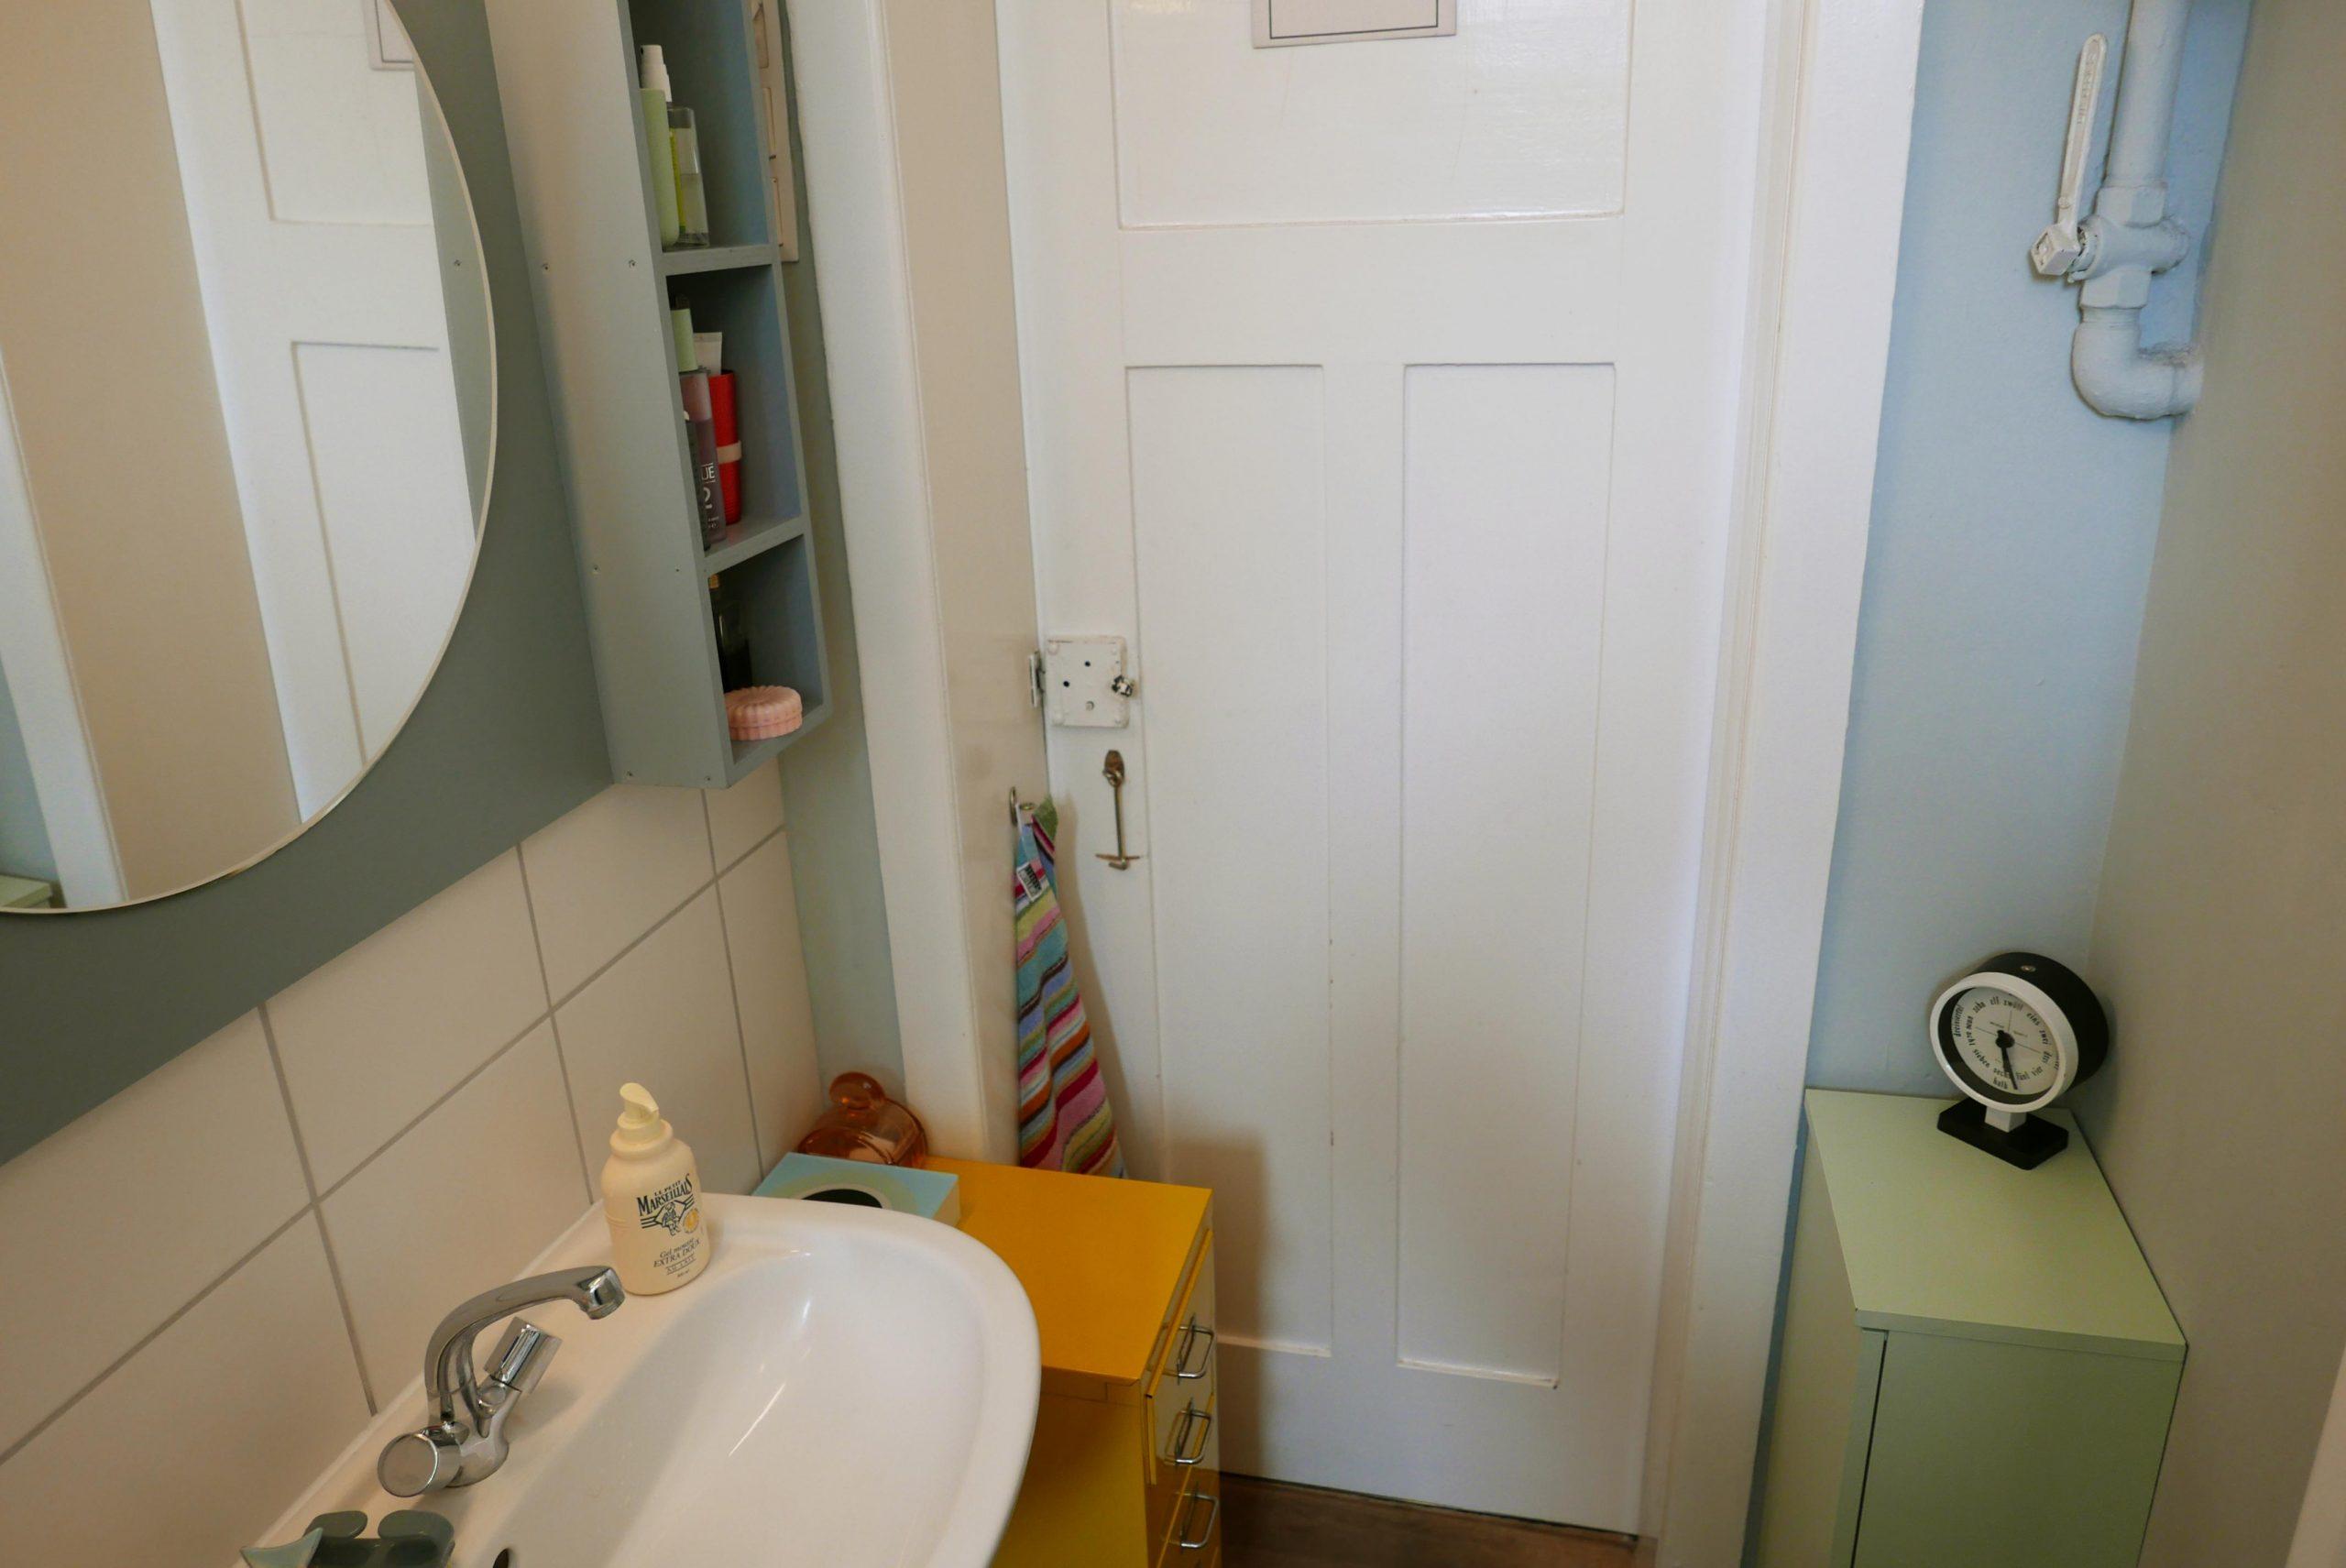 Farbgestaltung Bad im Altbau Ansicht der Waschbeckengegend